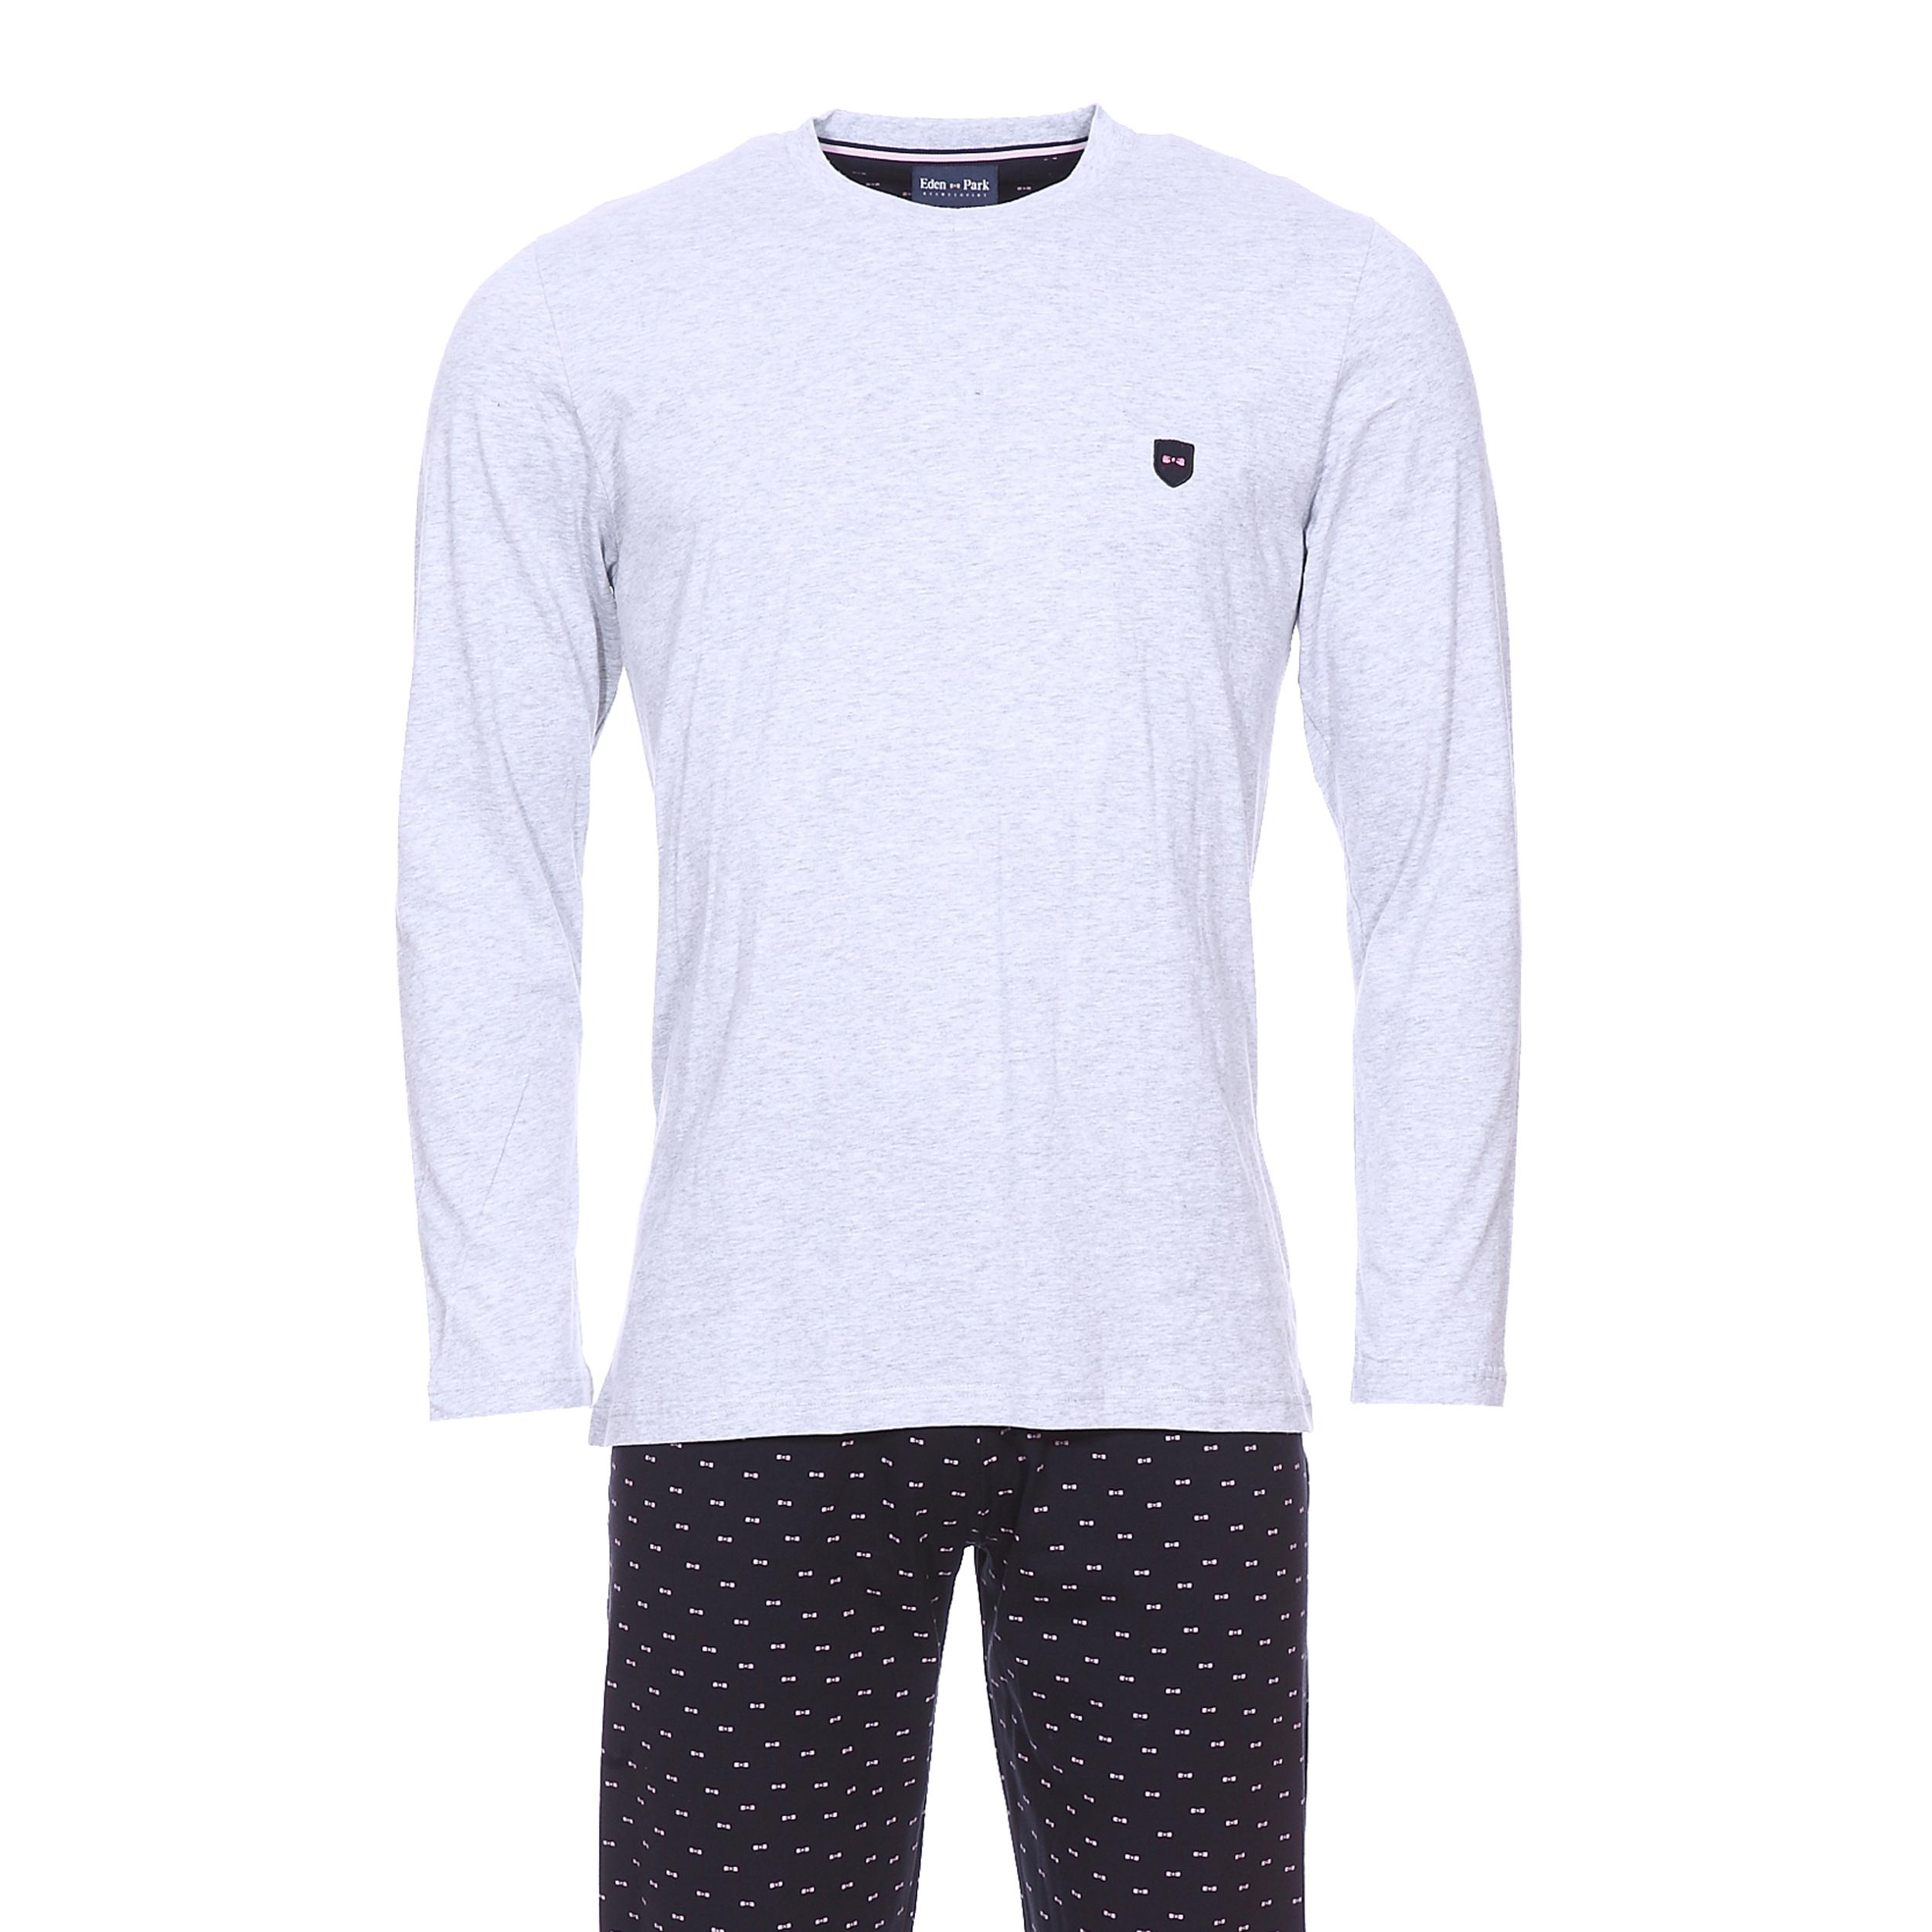 Pyjama long eden park en coton : tee-shirt manches longues gris chiné et pantalon bleu marine à petits n?uds rose pâle